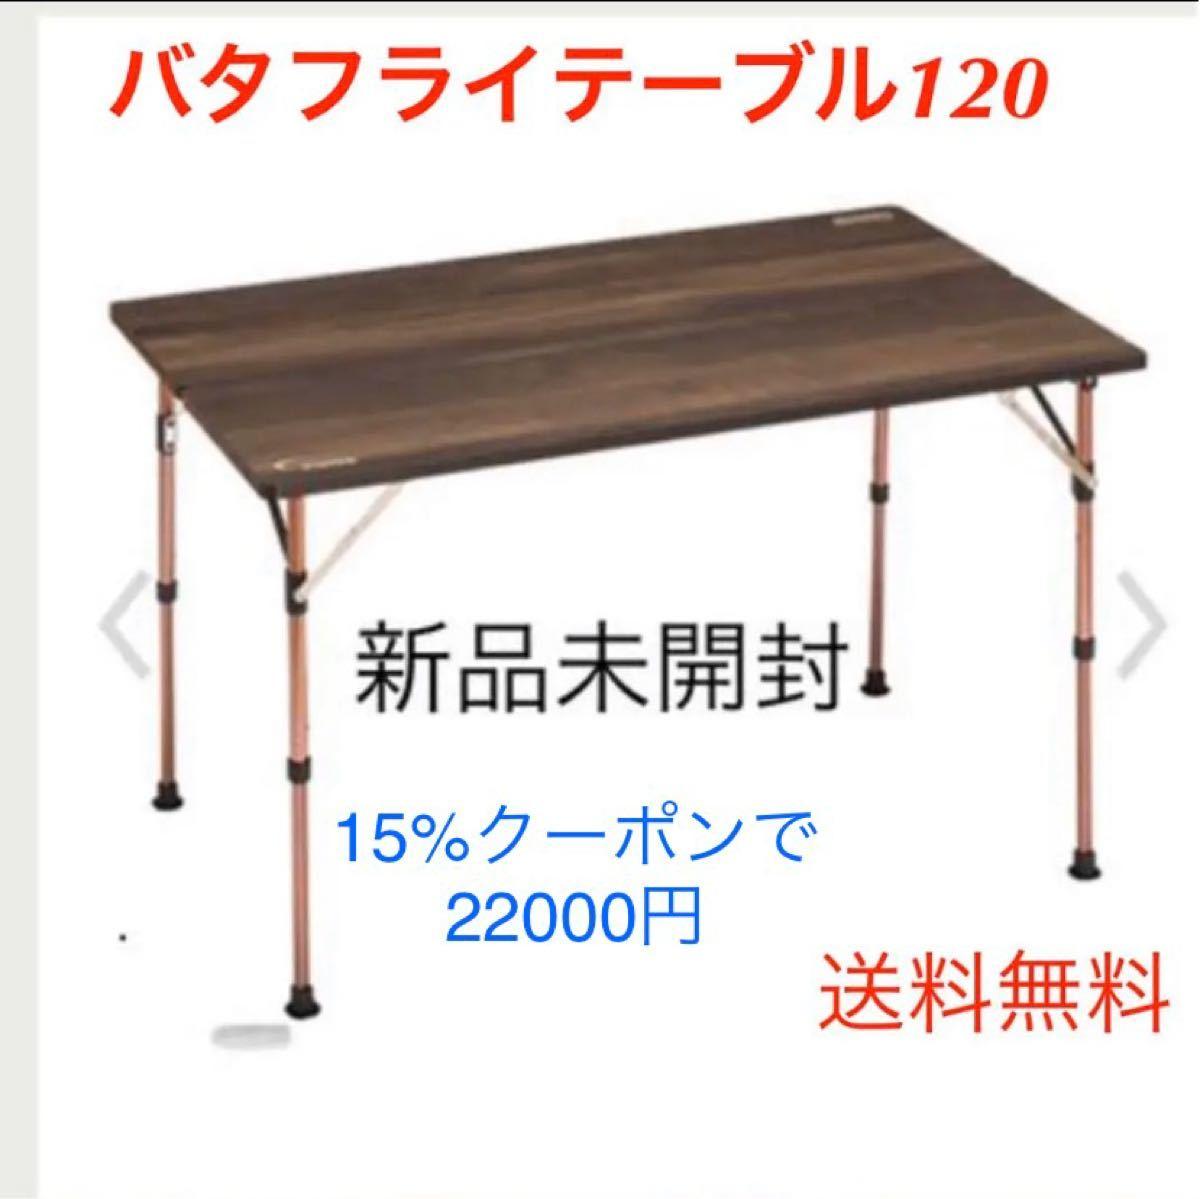 コールマン コンフォートマスター バタフライテーブル120 スノーピーク